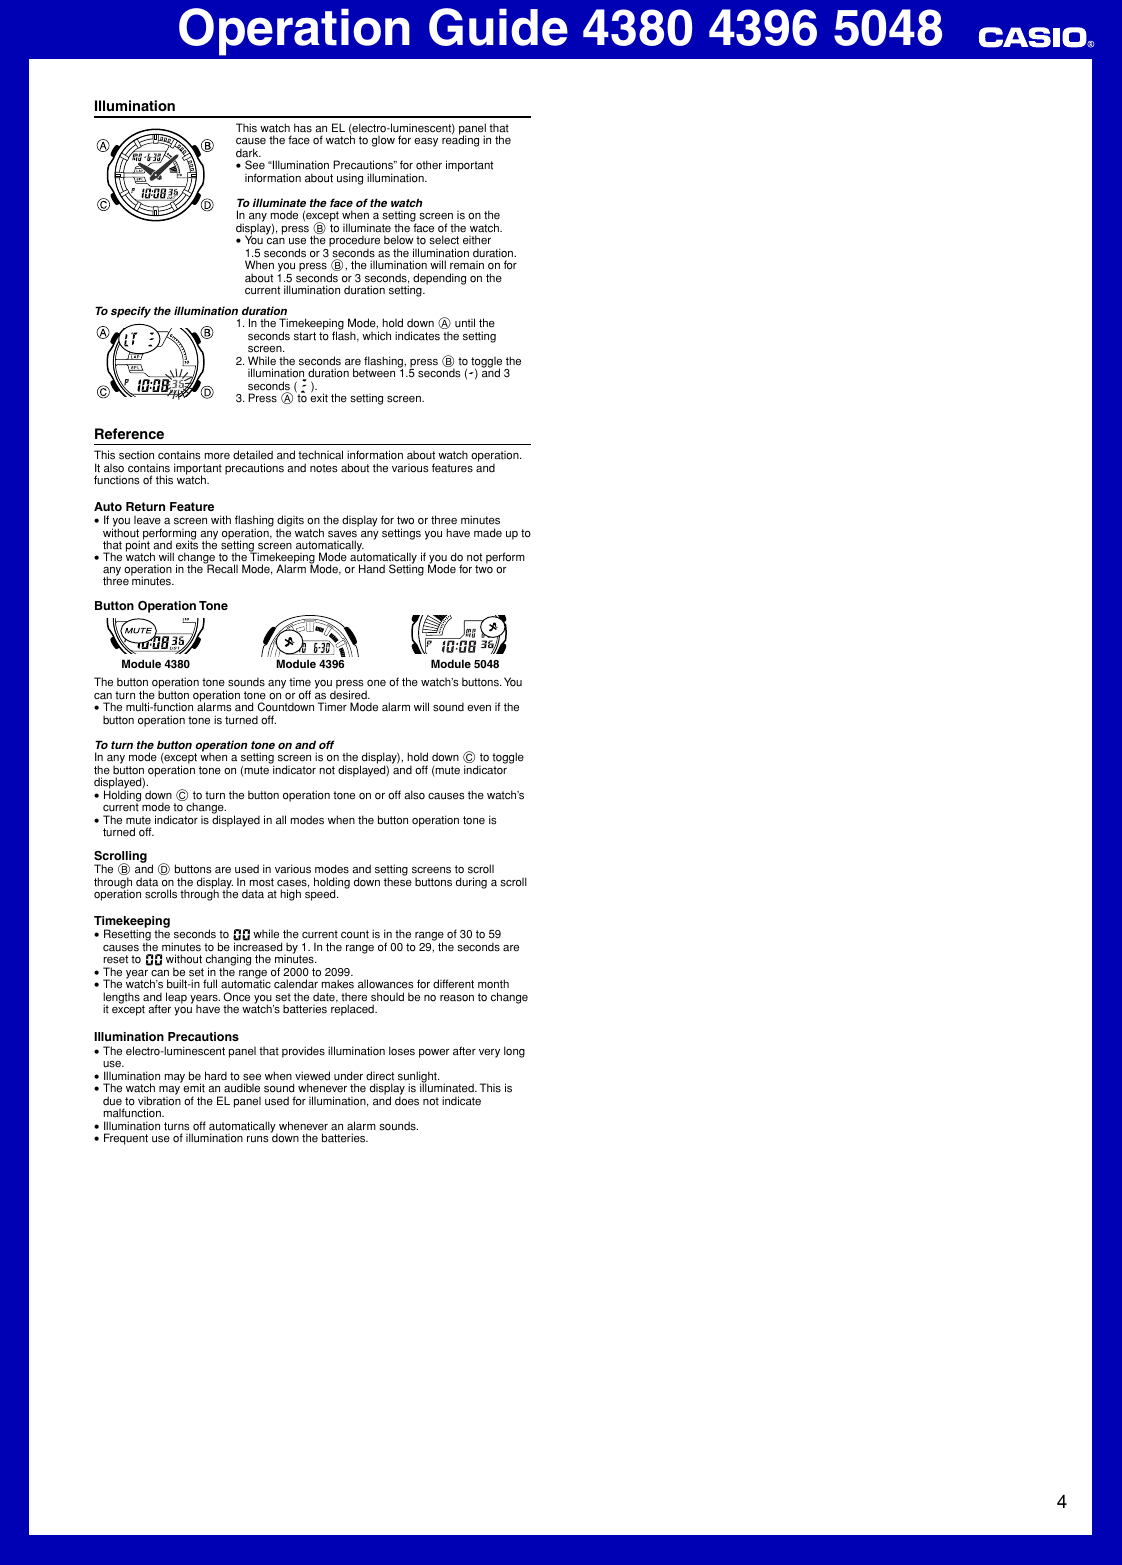 casio aq164w 1av operation manual qw 4380 4396 5048 rh usermanual wiki 4396 Indian Trail Memphis TN Walgreens 4396